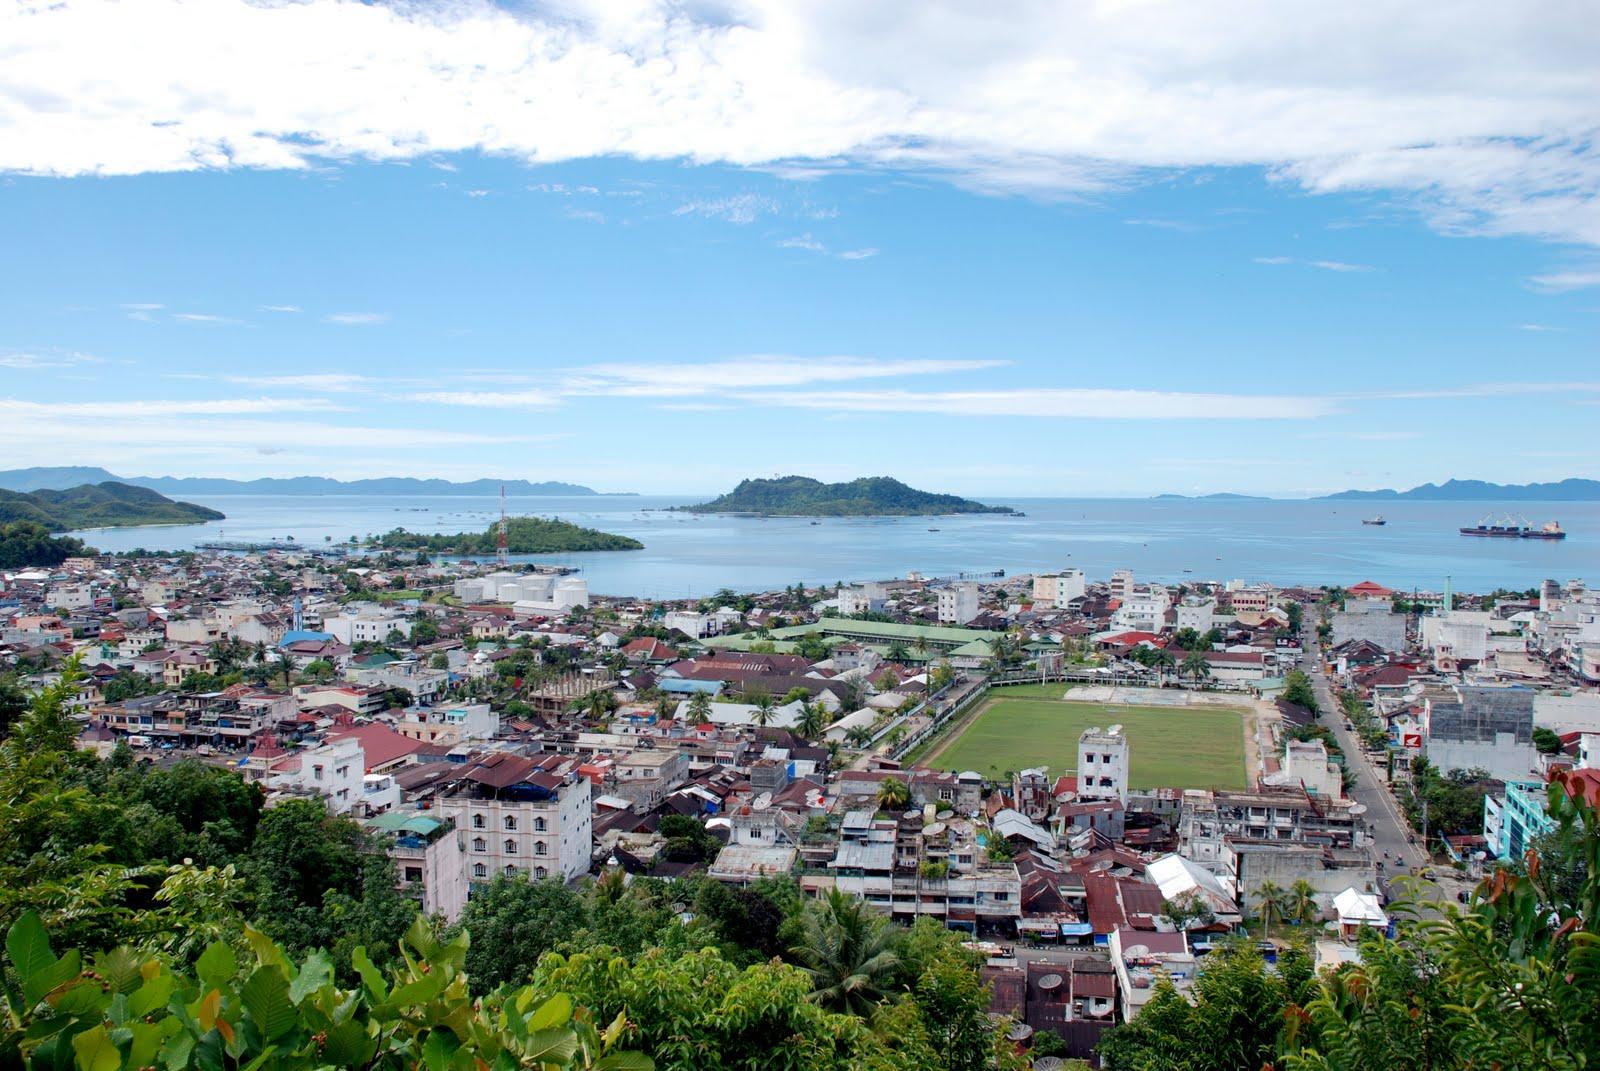 Sibolga Indonesia  city photo : kota sibolga adalah salah satu kota di sumatera utara indonesia luas ...